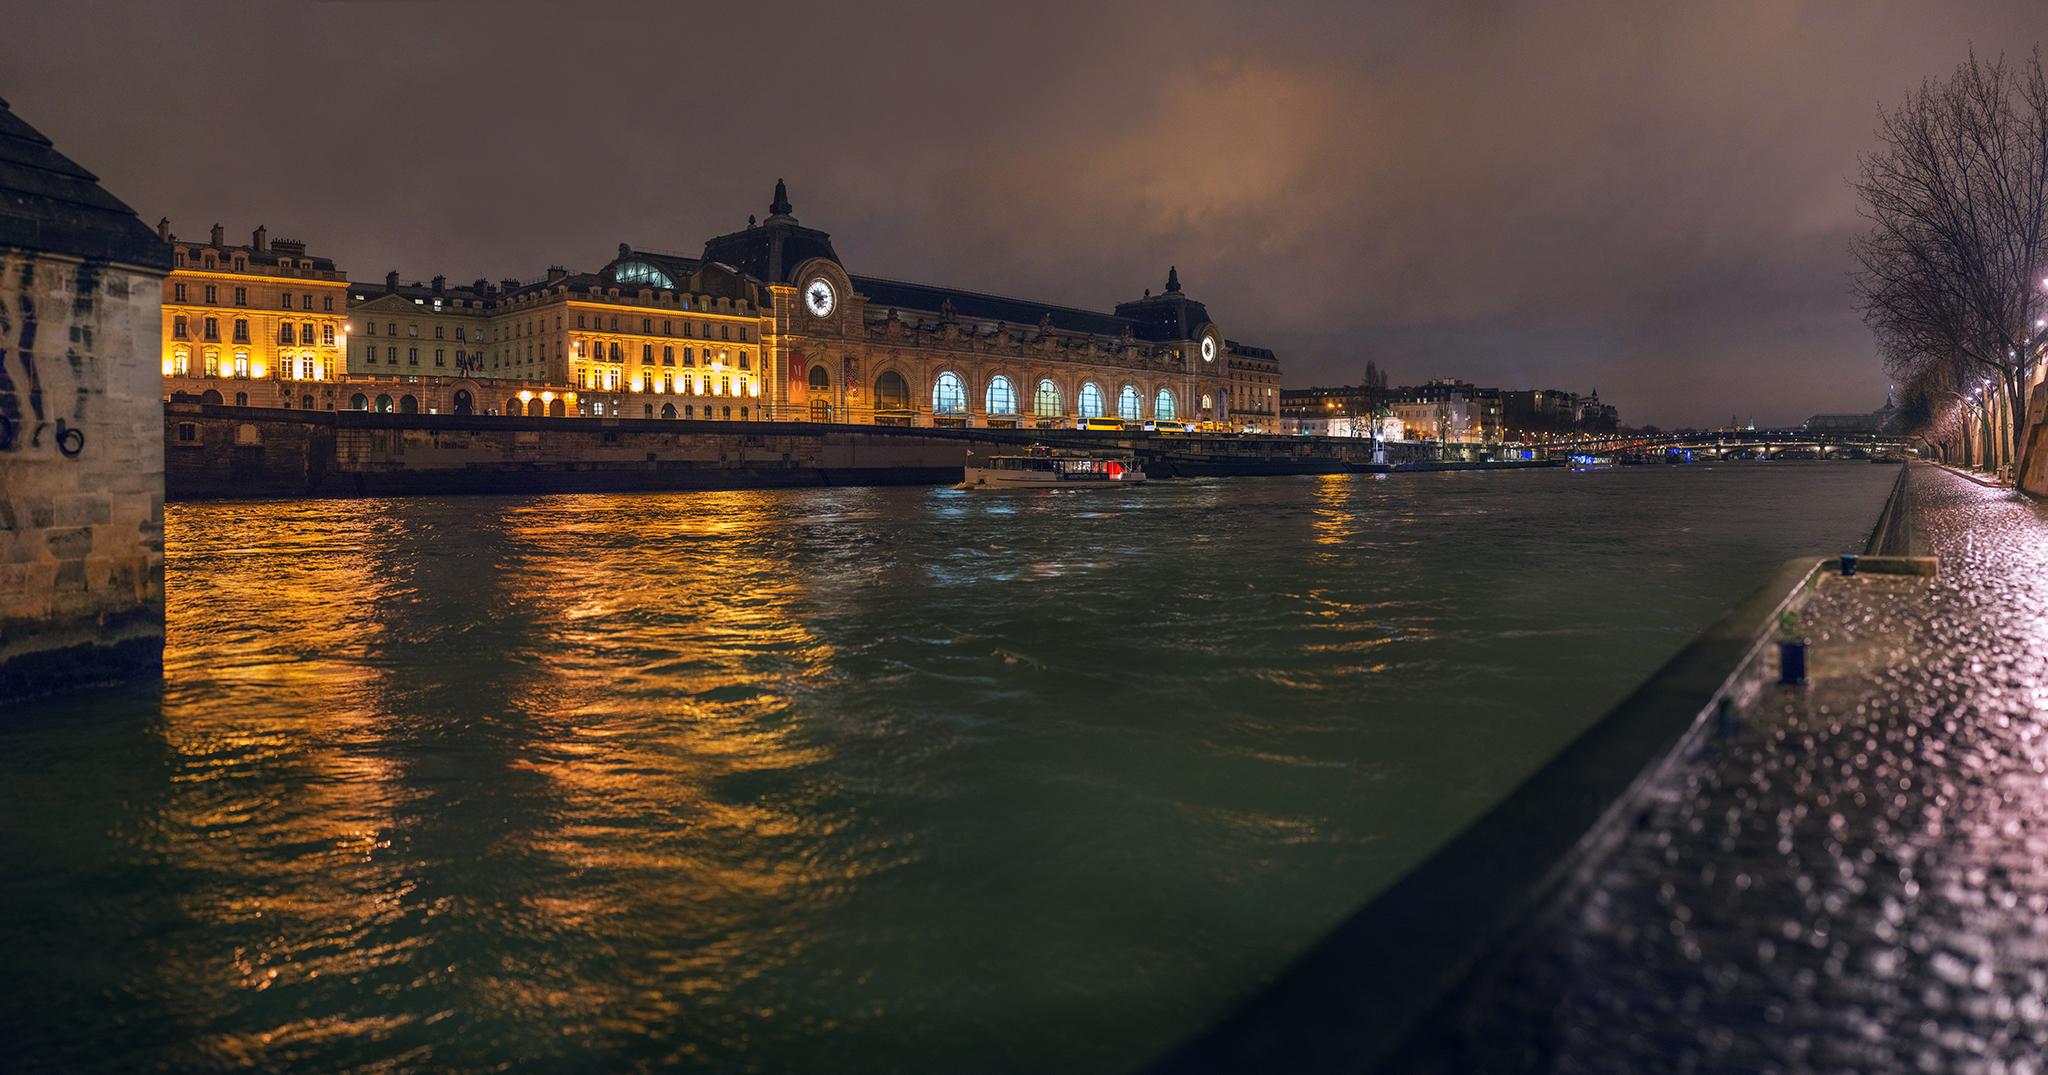 フランス:「オルセー美術館美術館/Musée d'Orsay」